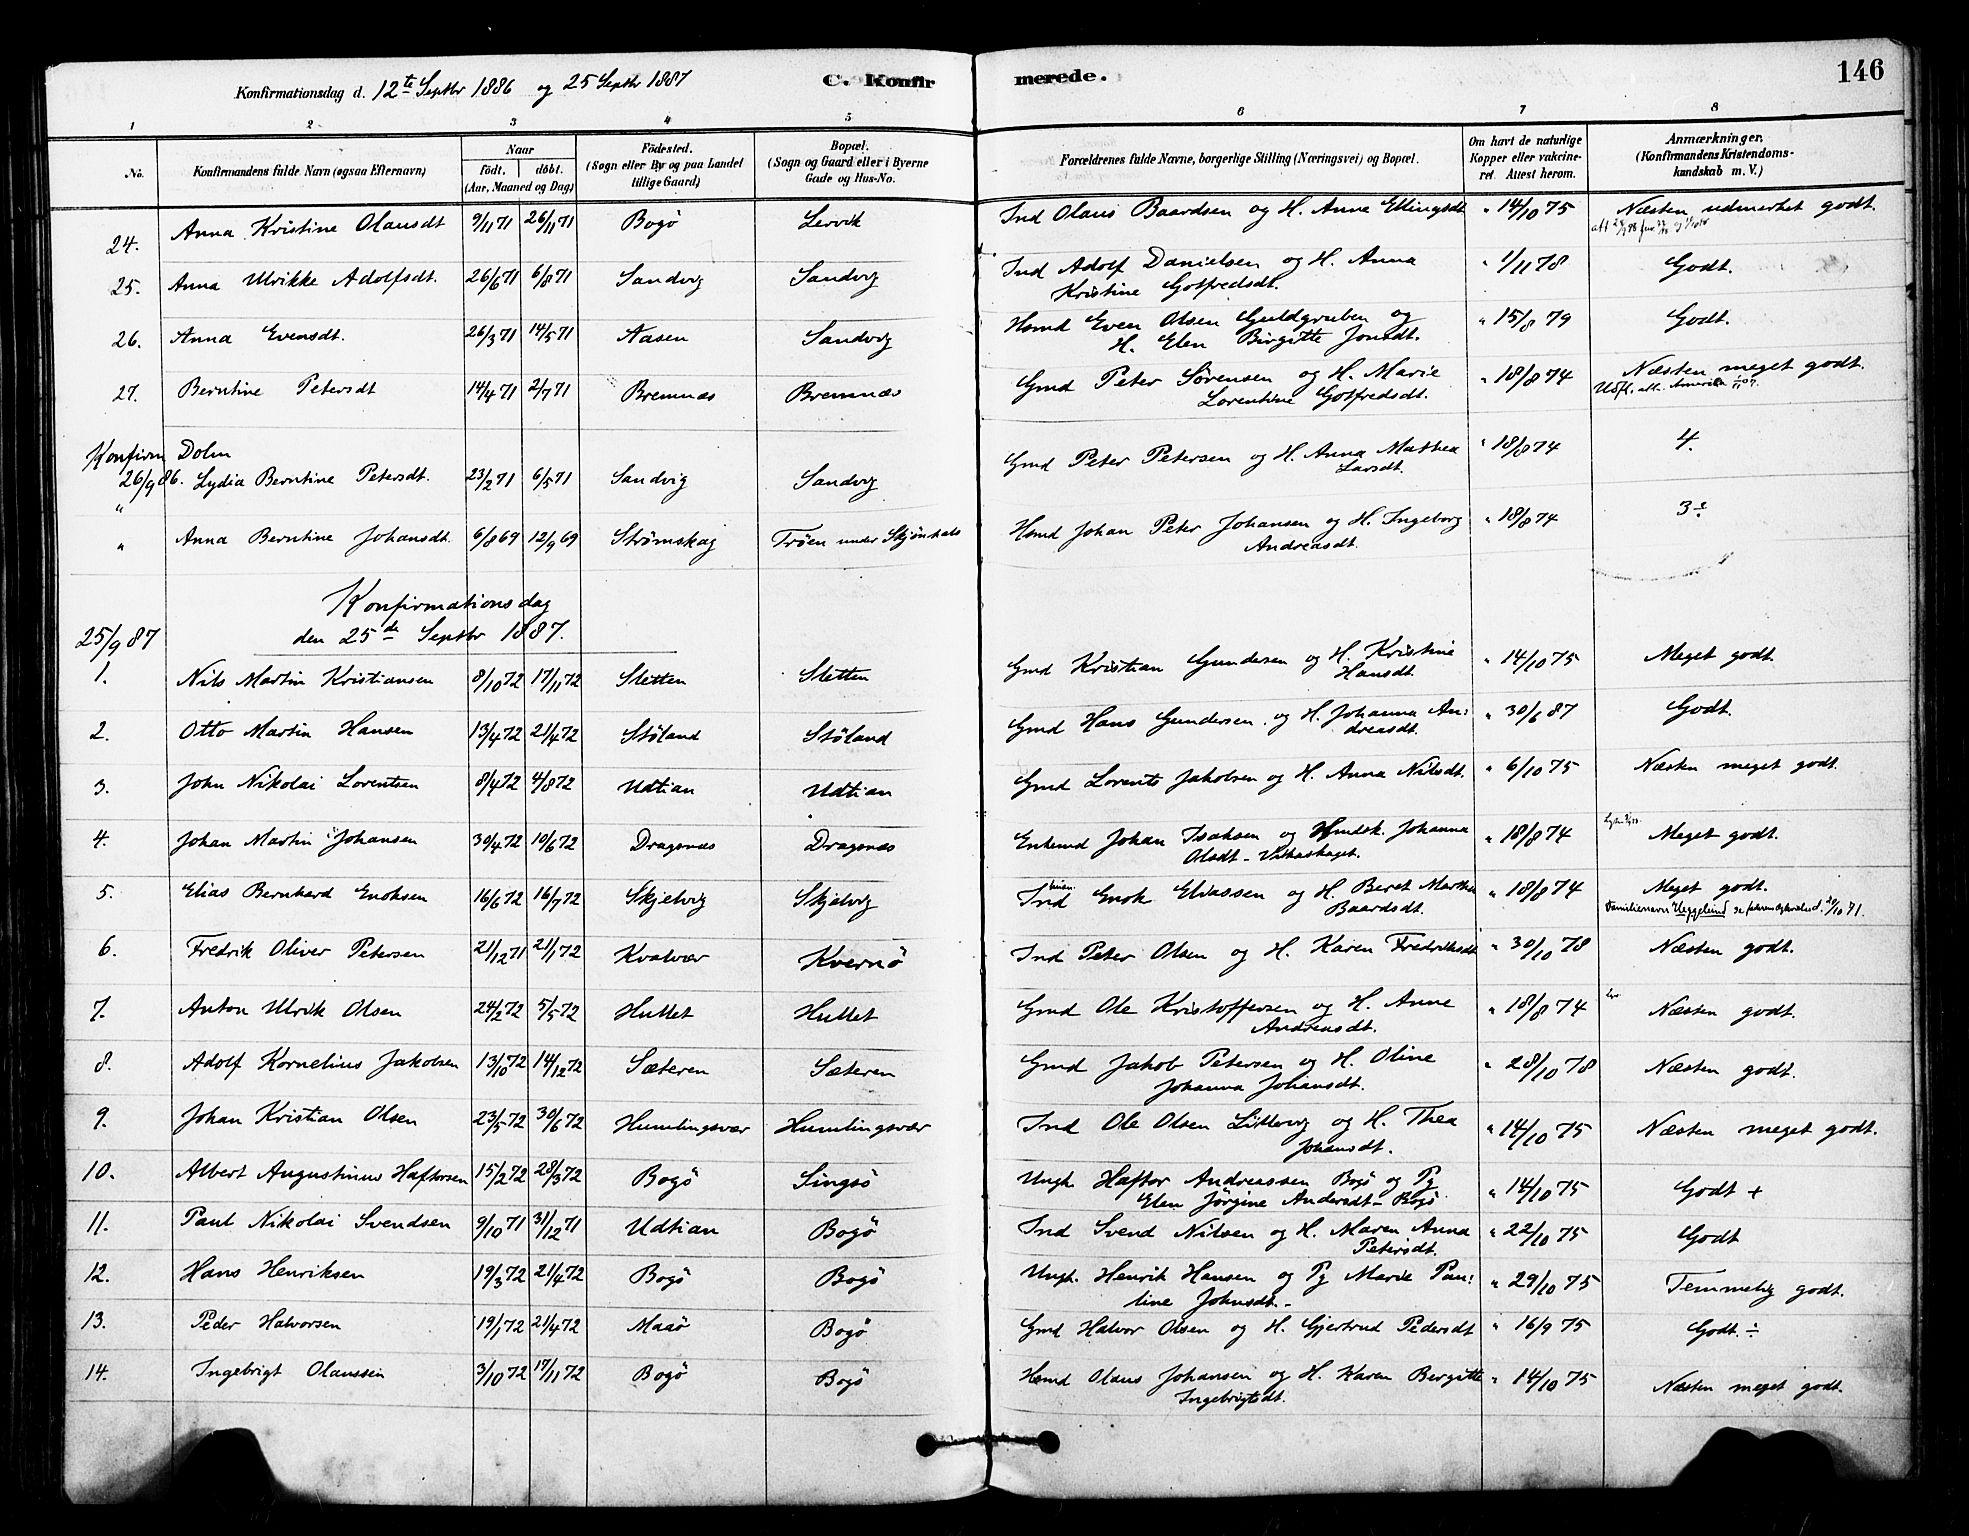 SAT, Ministerialprotokoller, klokkerbøker og fødselsregistre - Sør-Trøndelag, 640/L0578: Ministerialbok nr. 640A03, 1879-1889, s. 146